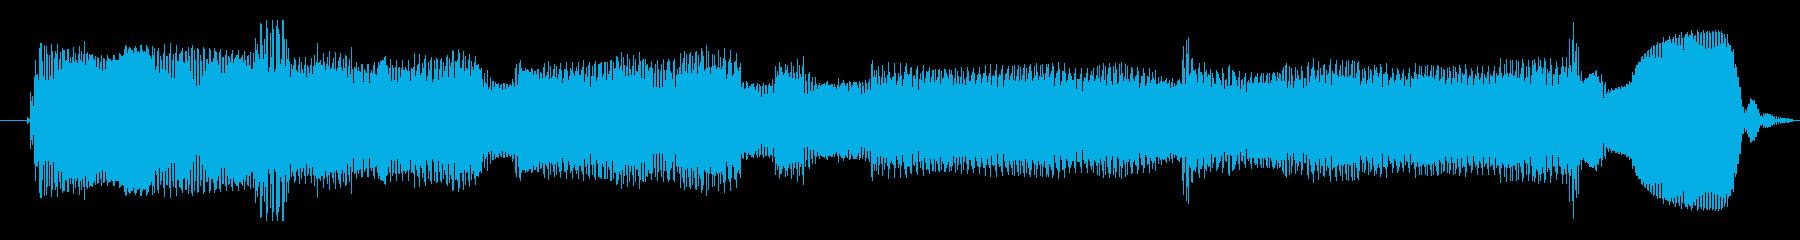 シンセサイザー 科学エイリアン01の再生済みの波形